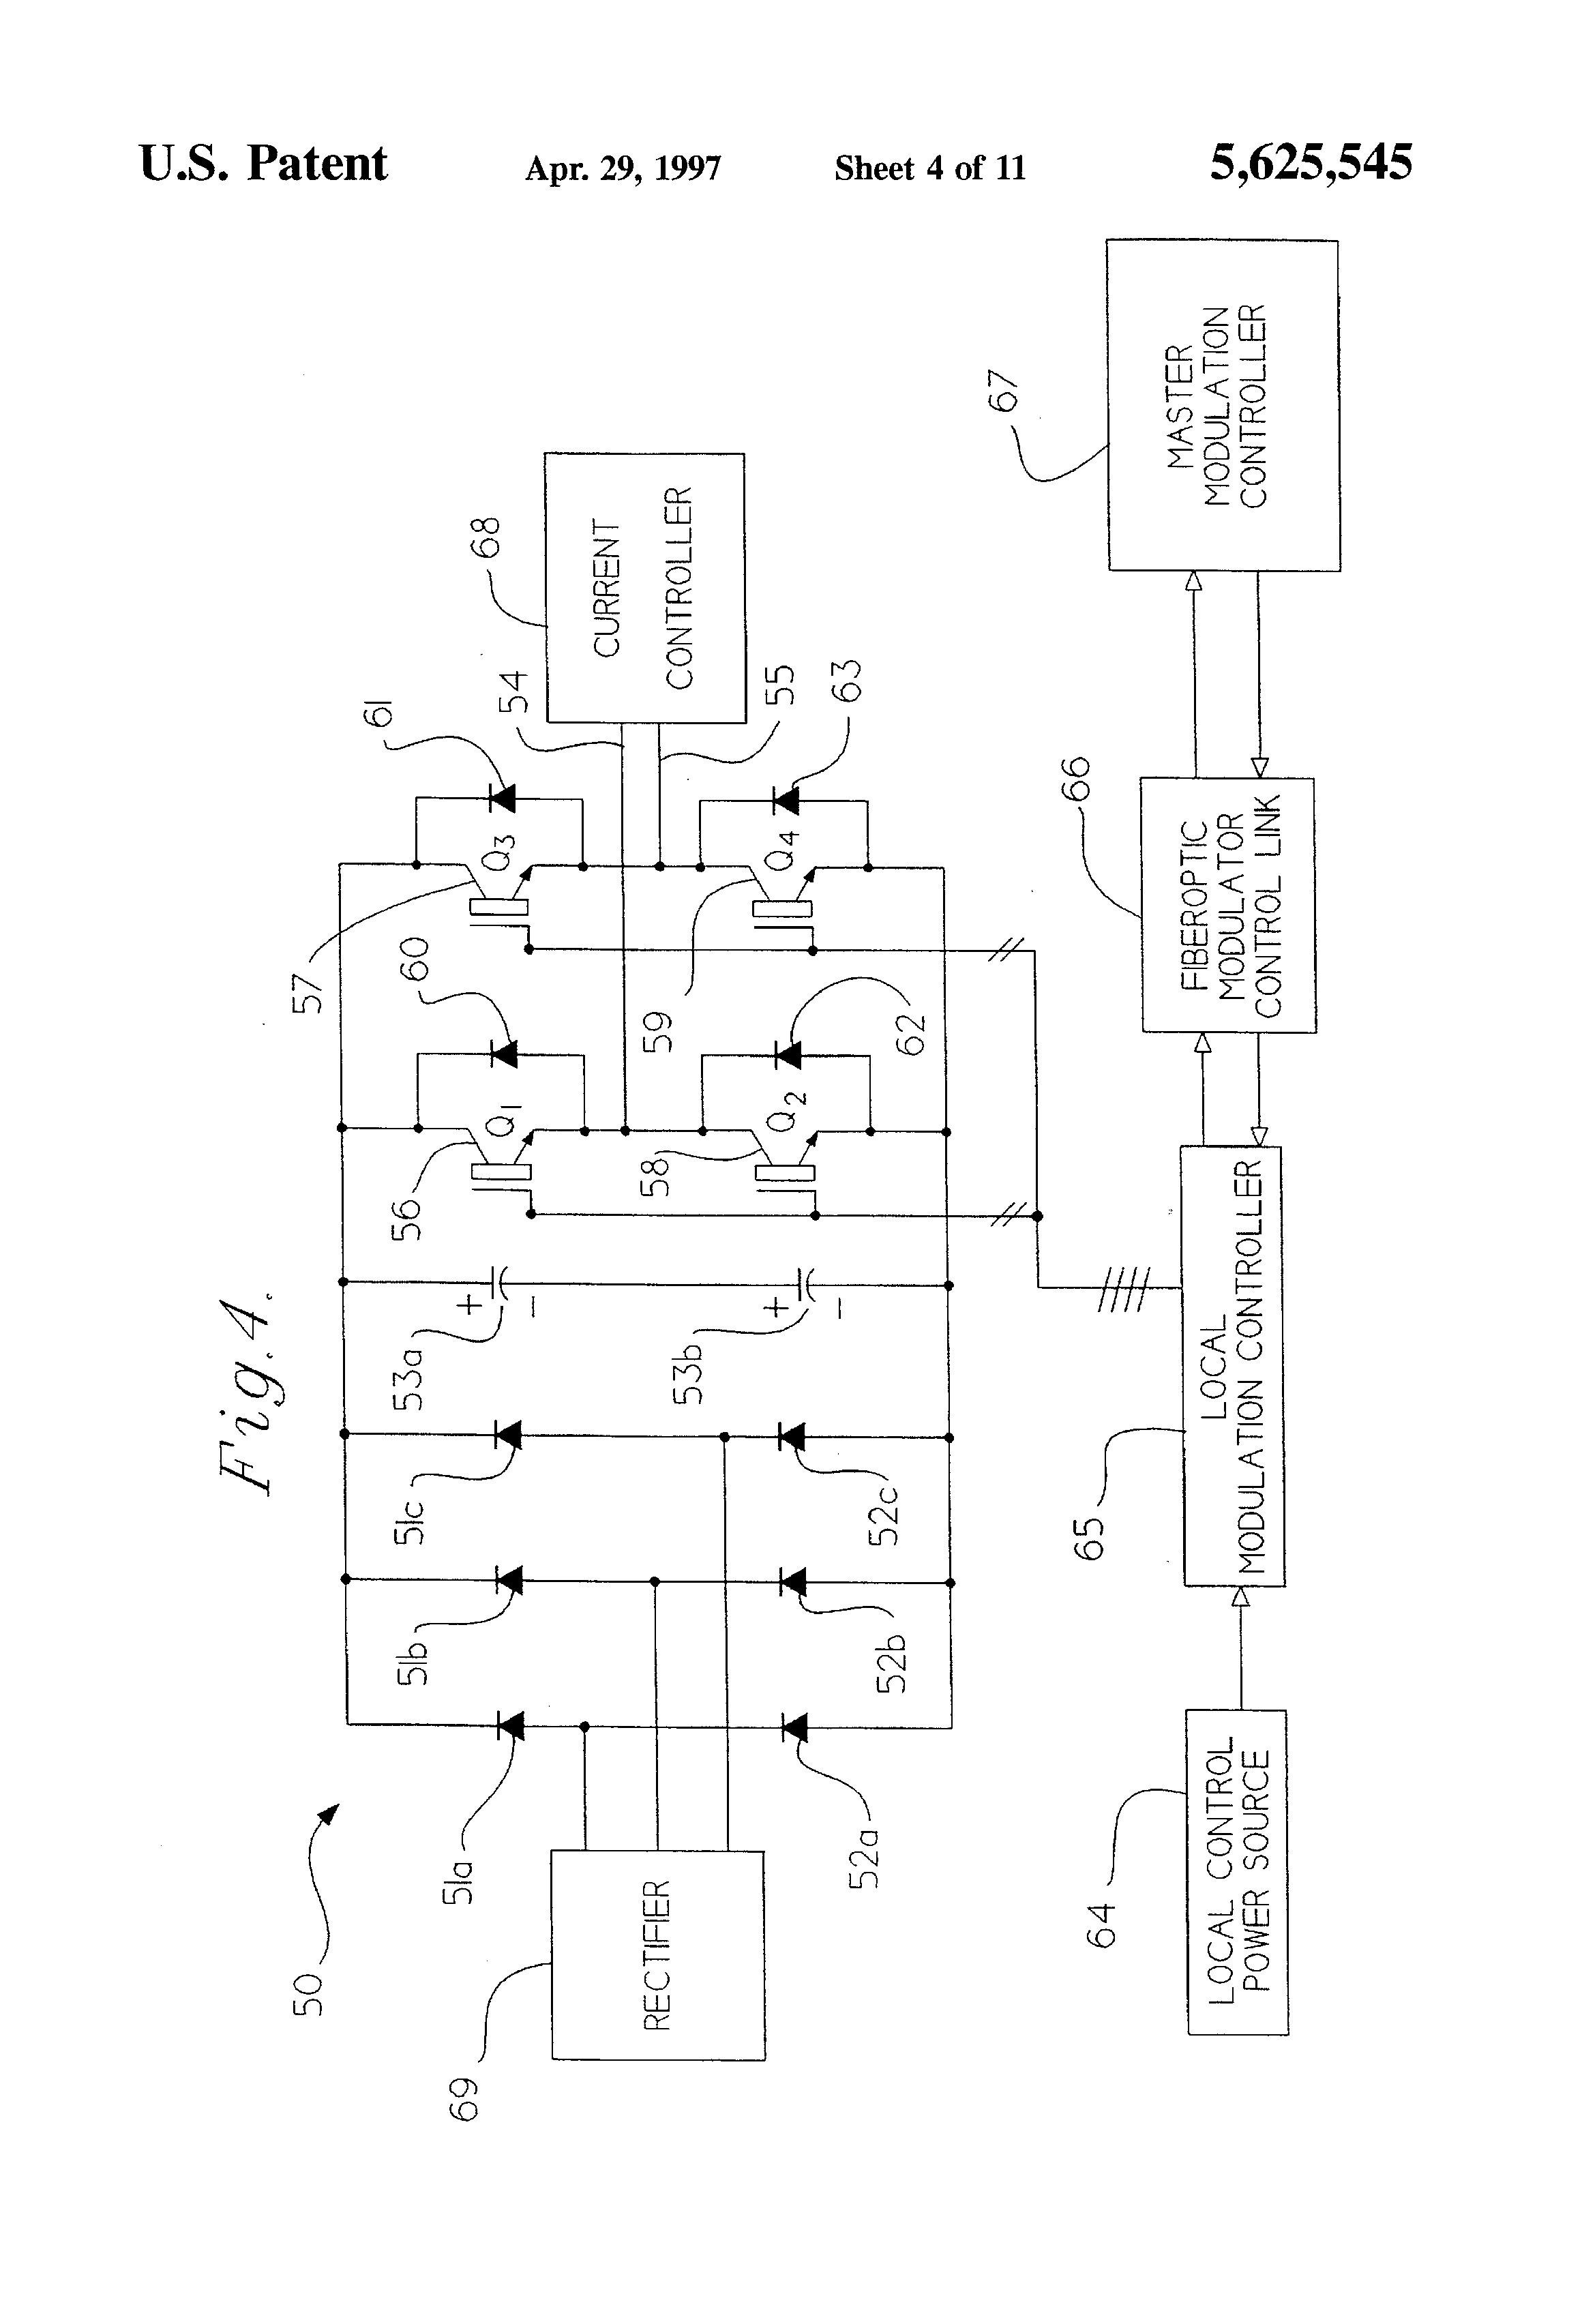 Teco Motor Wiring Diagram | Repair Manual on